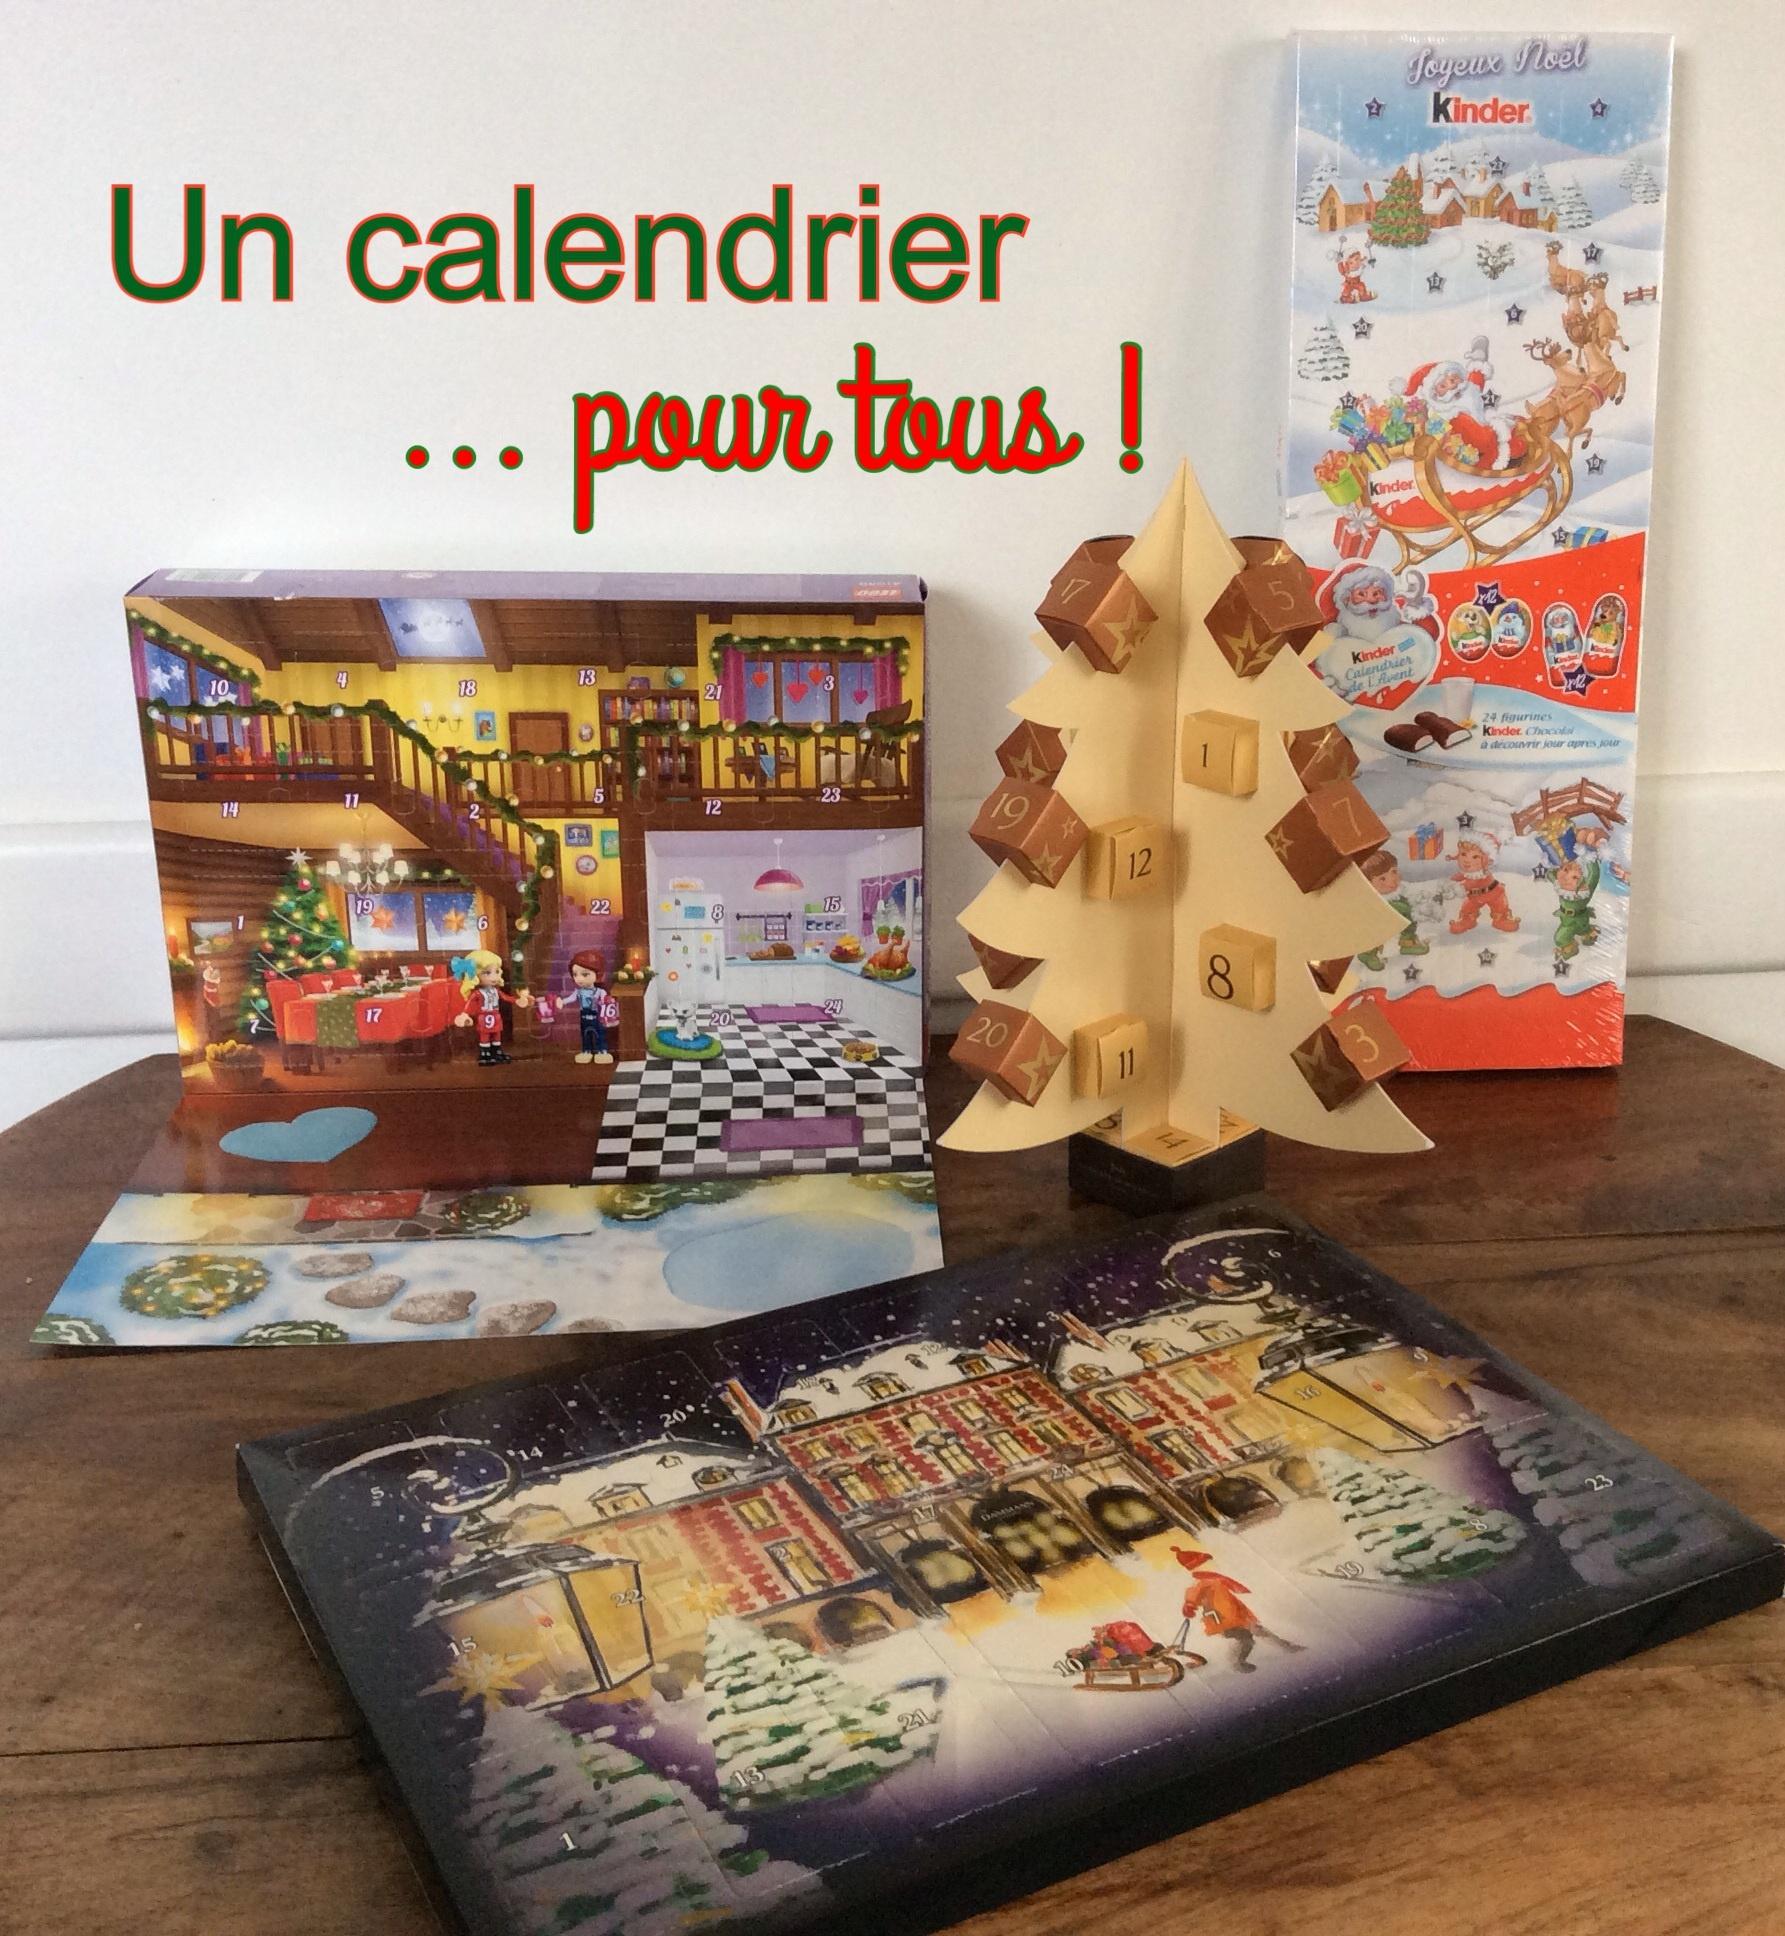 8f4f3ce603e0a9c7daf6b5c891a6b7b3 - Choisir son calendrier de l'Avent... pour mieux attendre Noël !